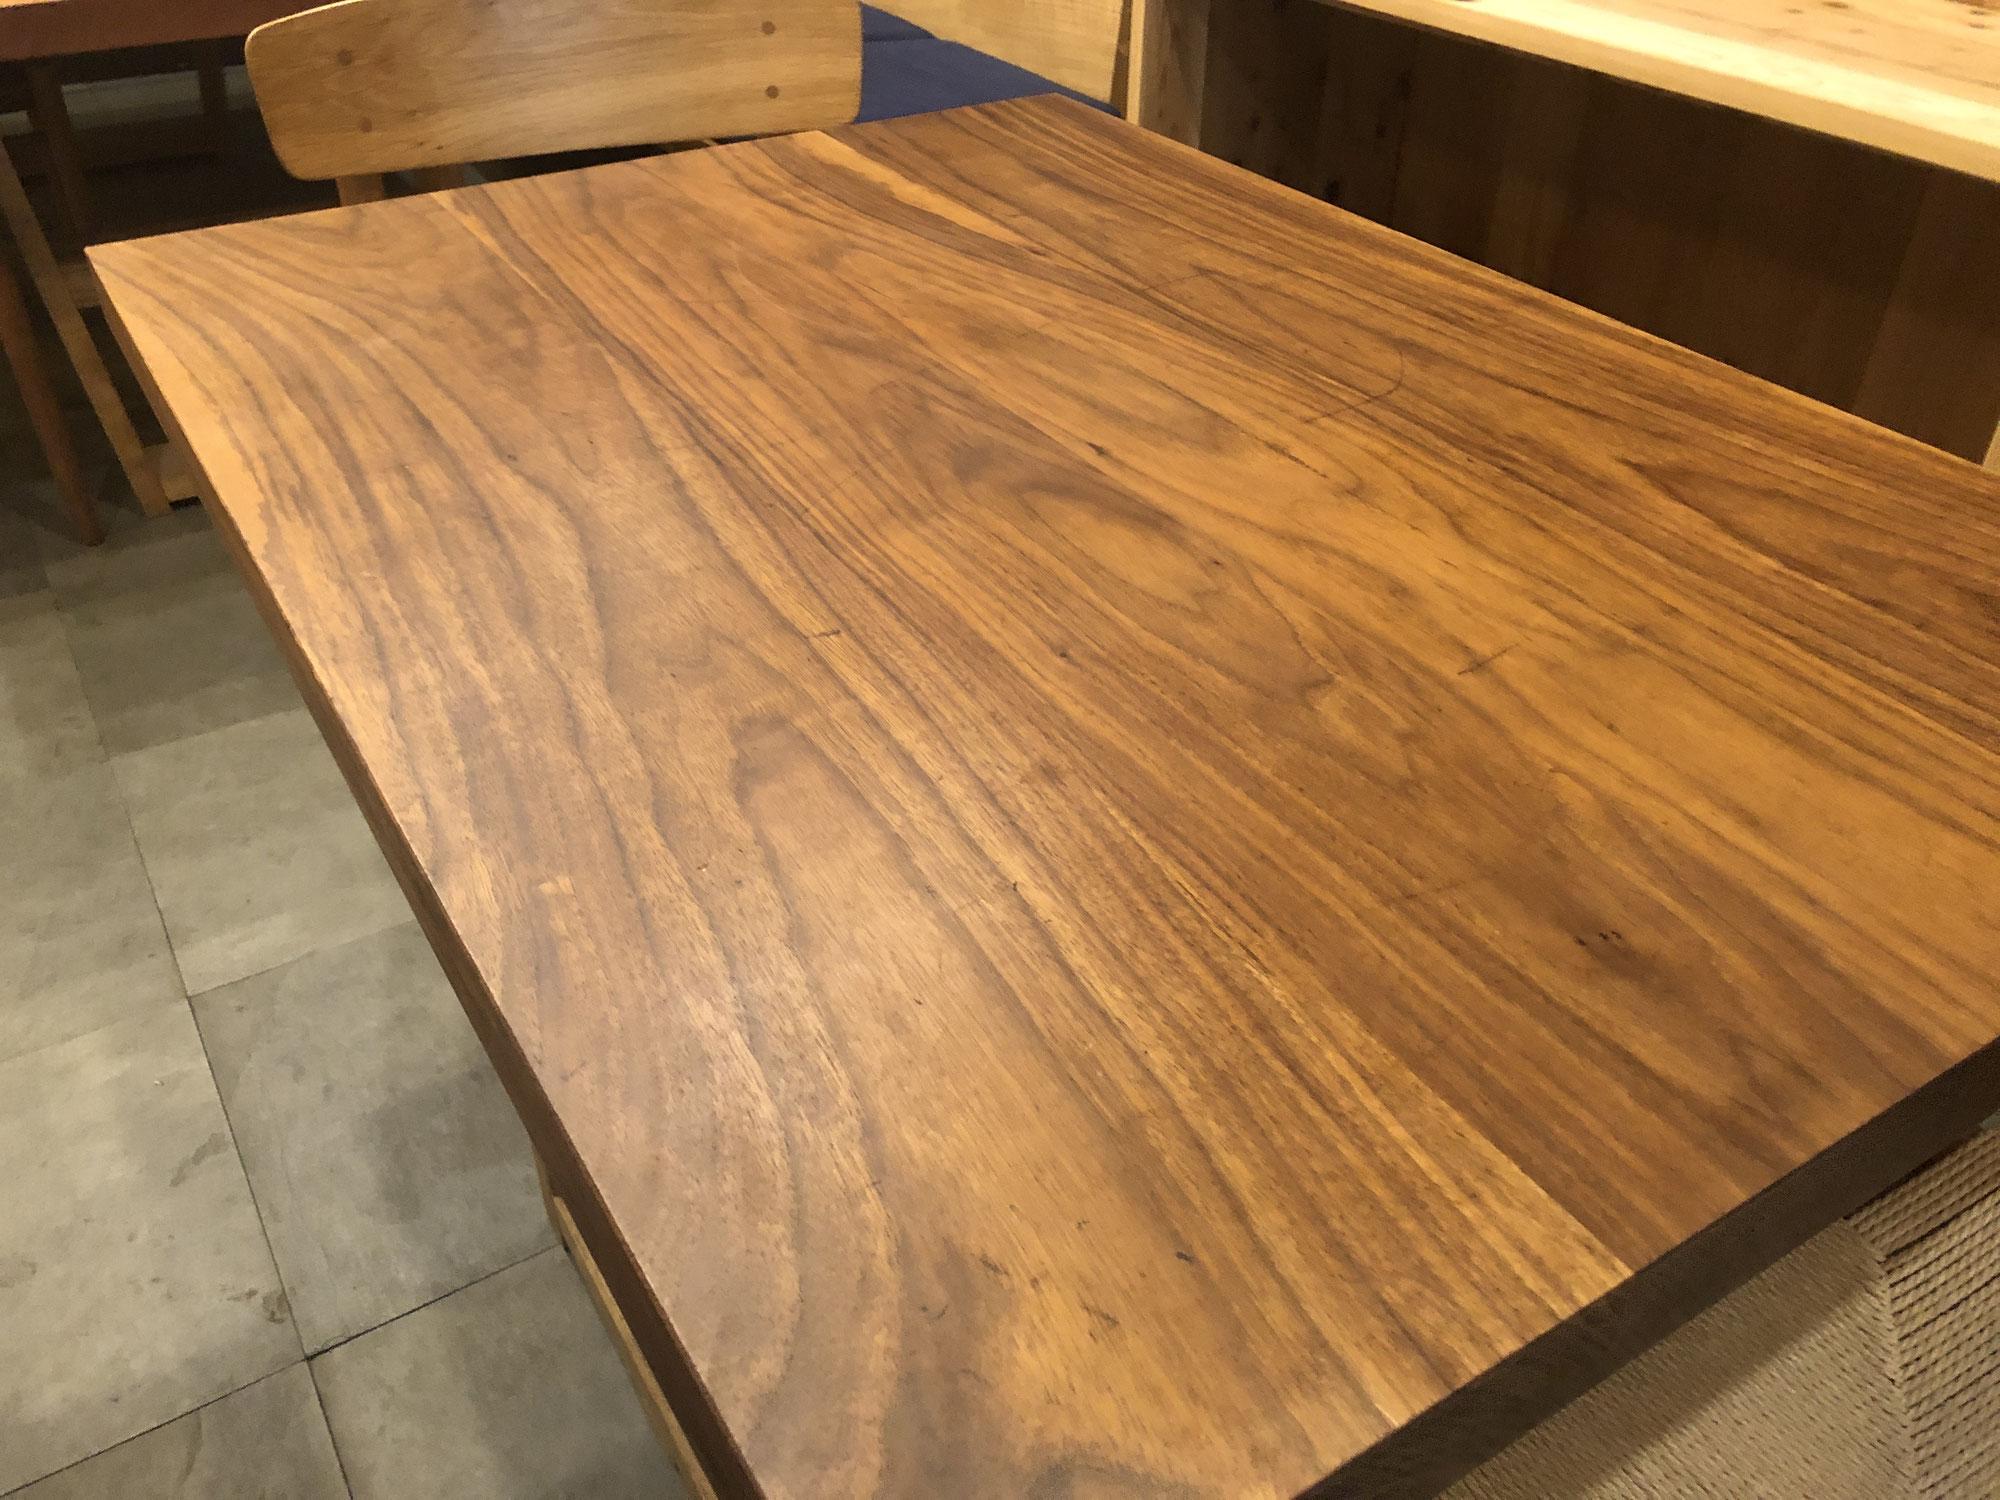 ブラックウォールナットのテーブルの塗装